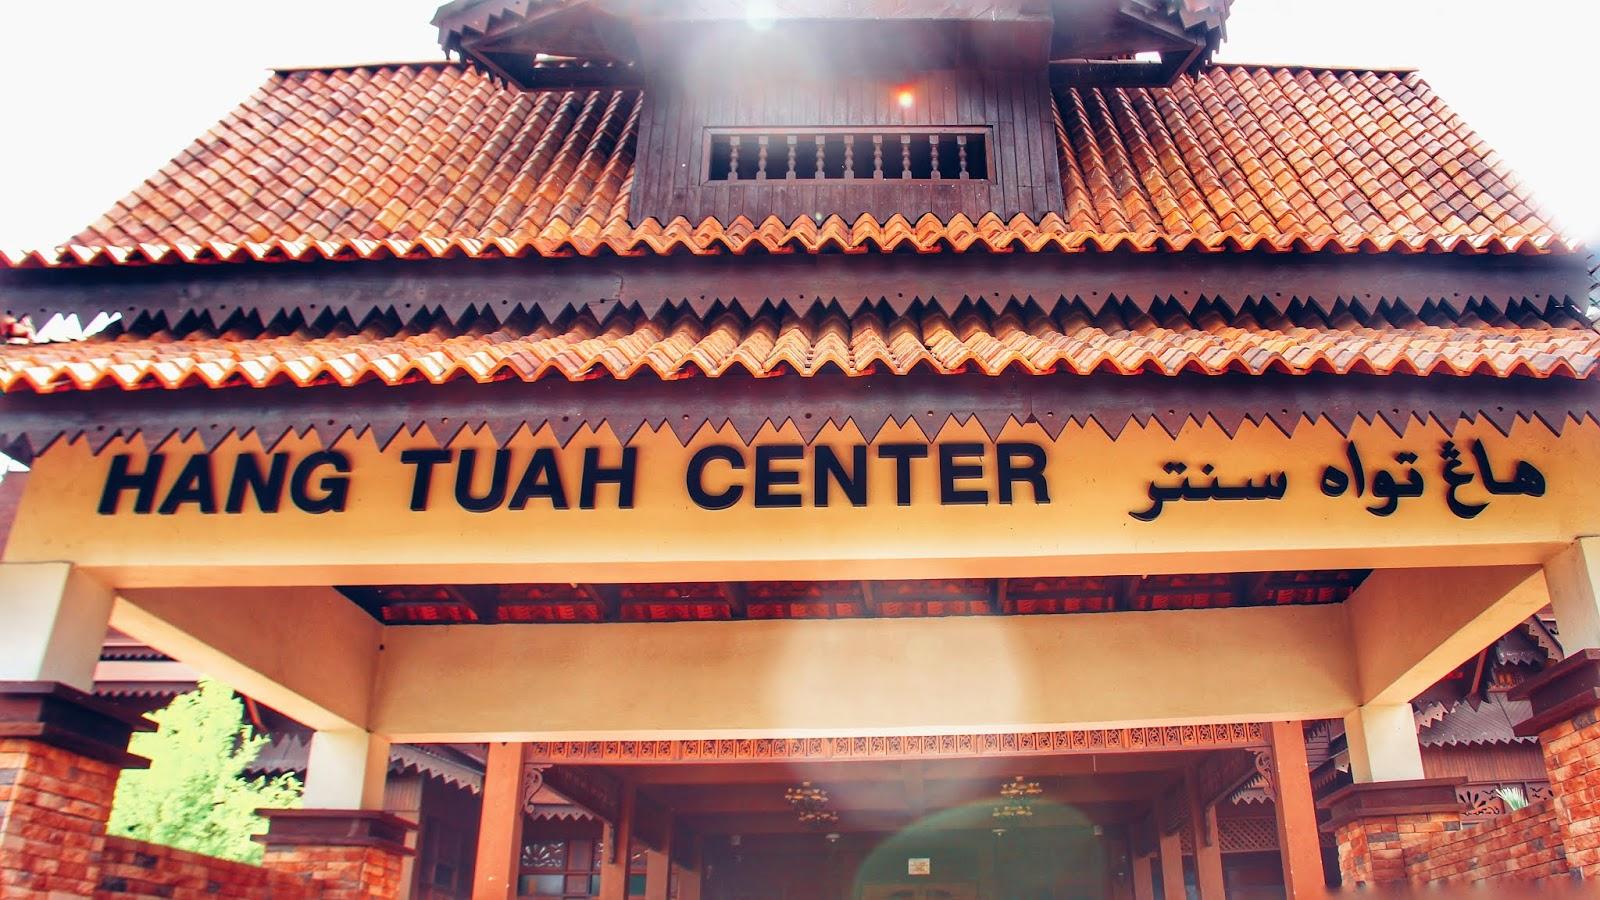 Hang Tuah Center Melaka